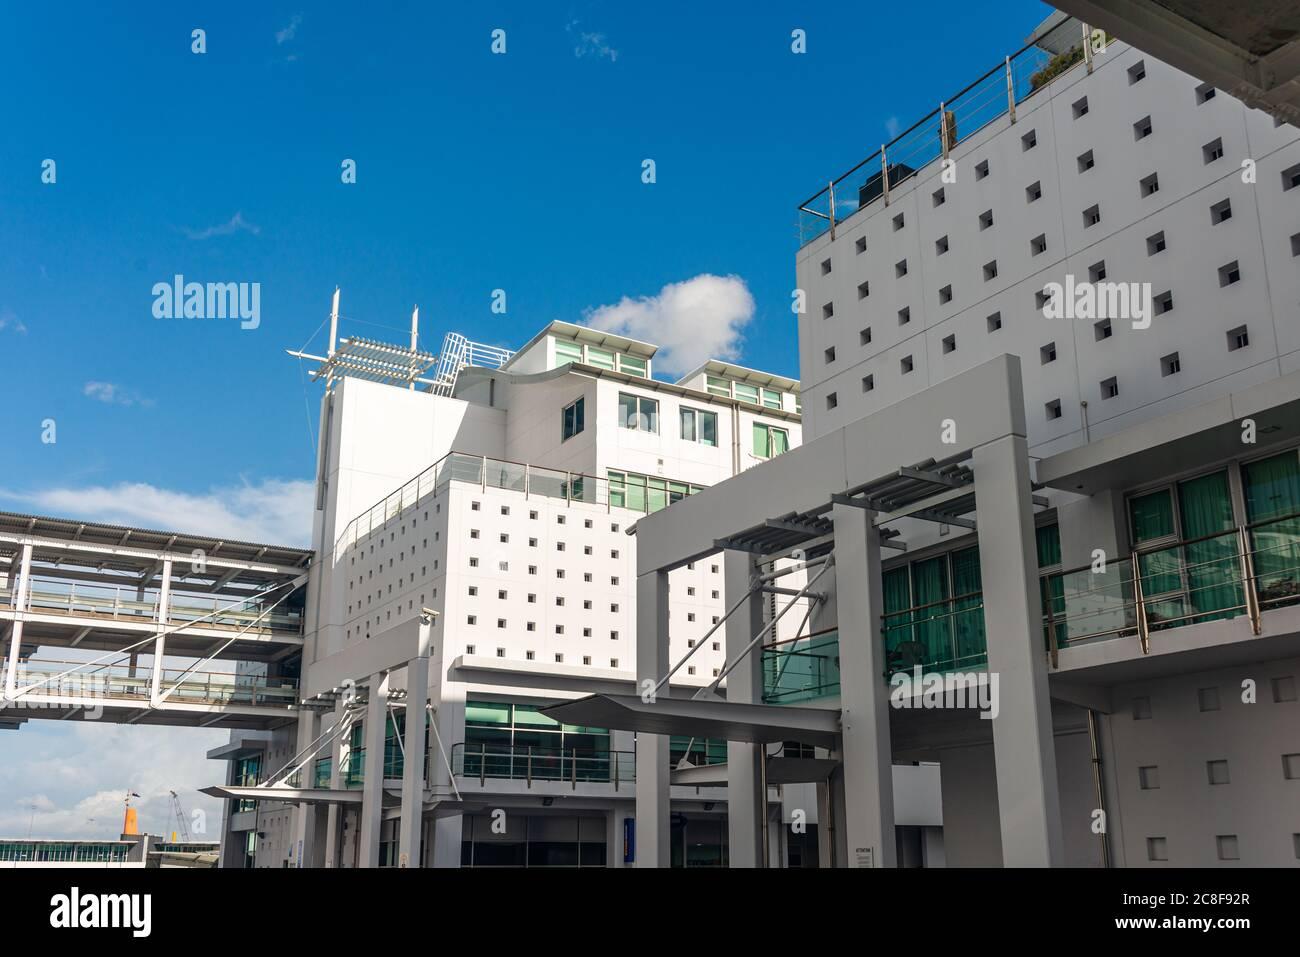 Architecture blanche sur les quais de Princes Wharf, quartier des affaires d'Auckland. Nouvelle-Zélande Banque D'Images